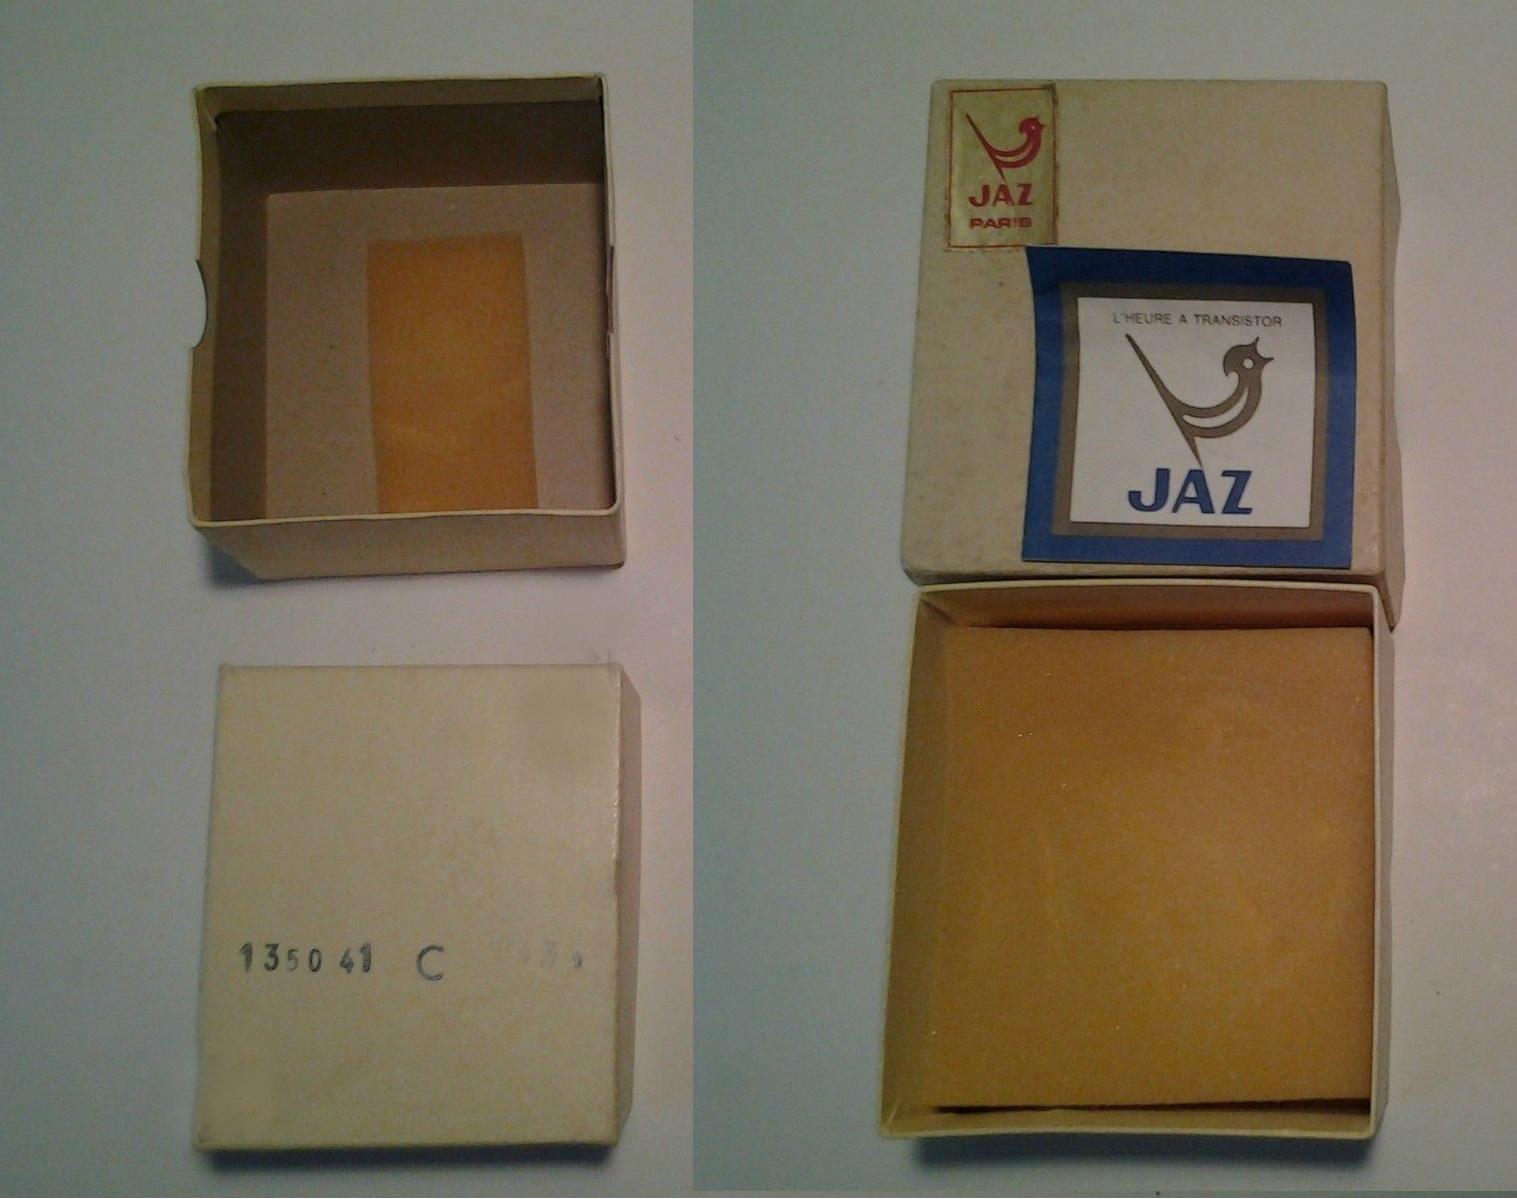 CISIC boîte 1350-41 dos